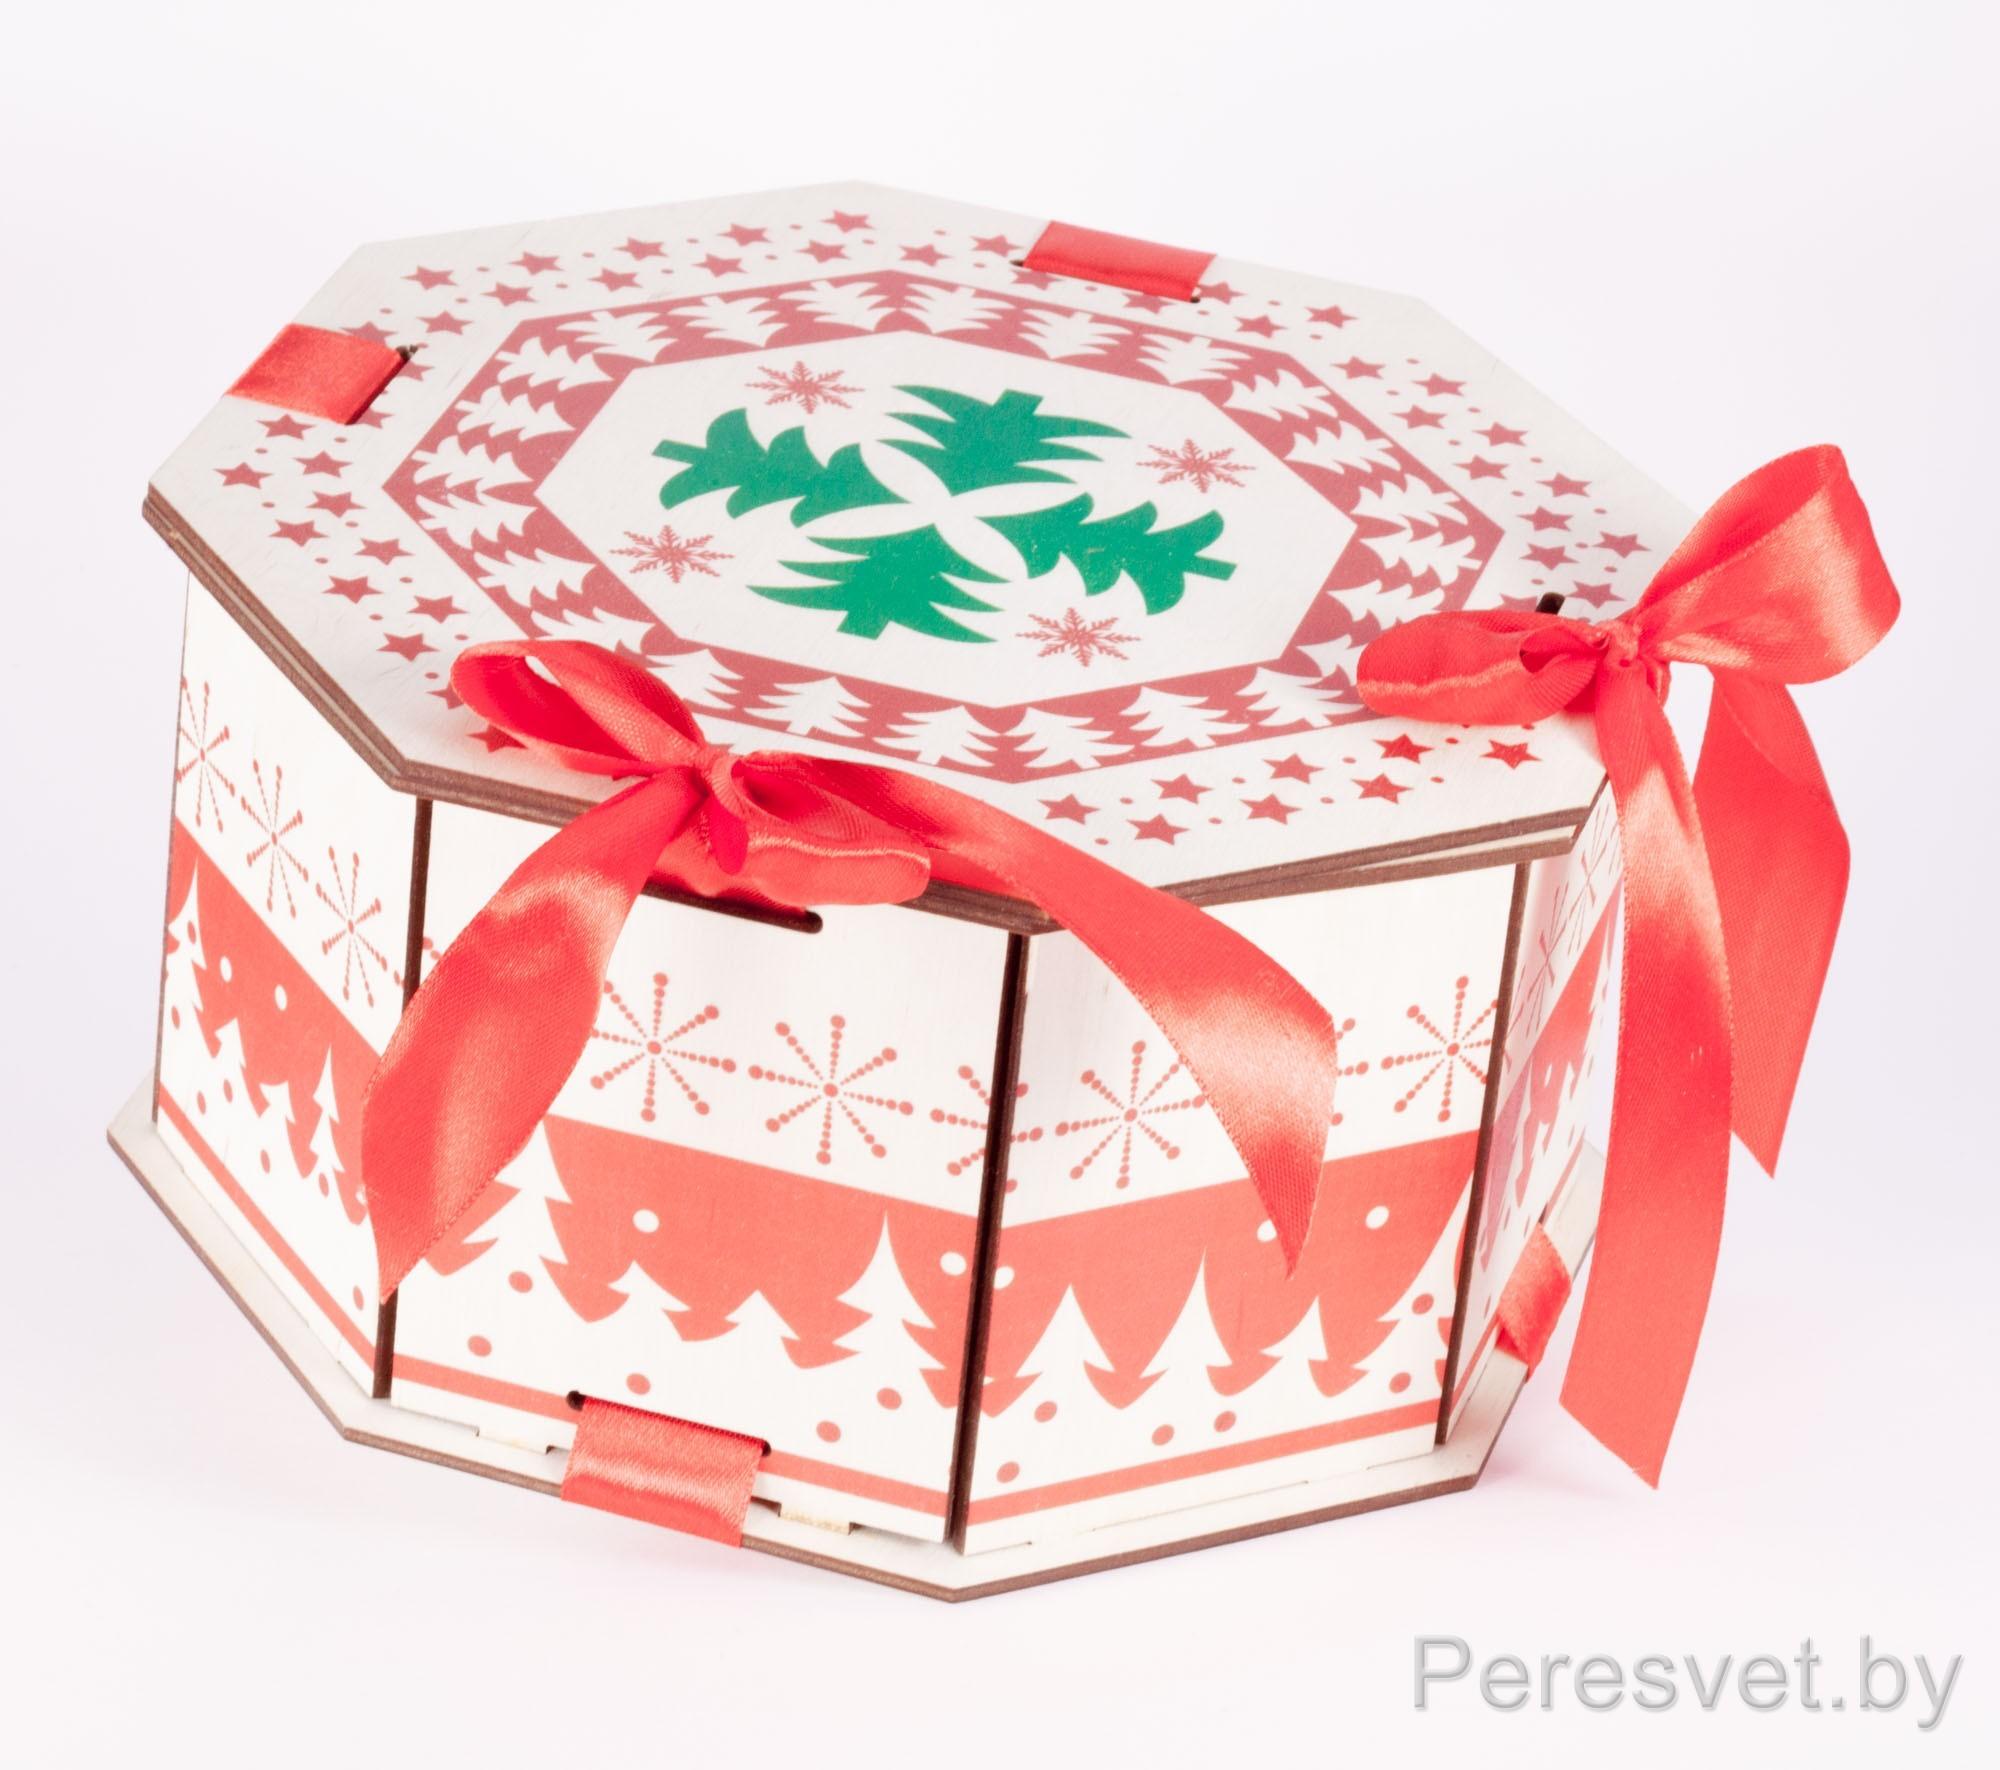 Новый, открытки плюс подарки в оренбурге